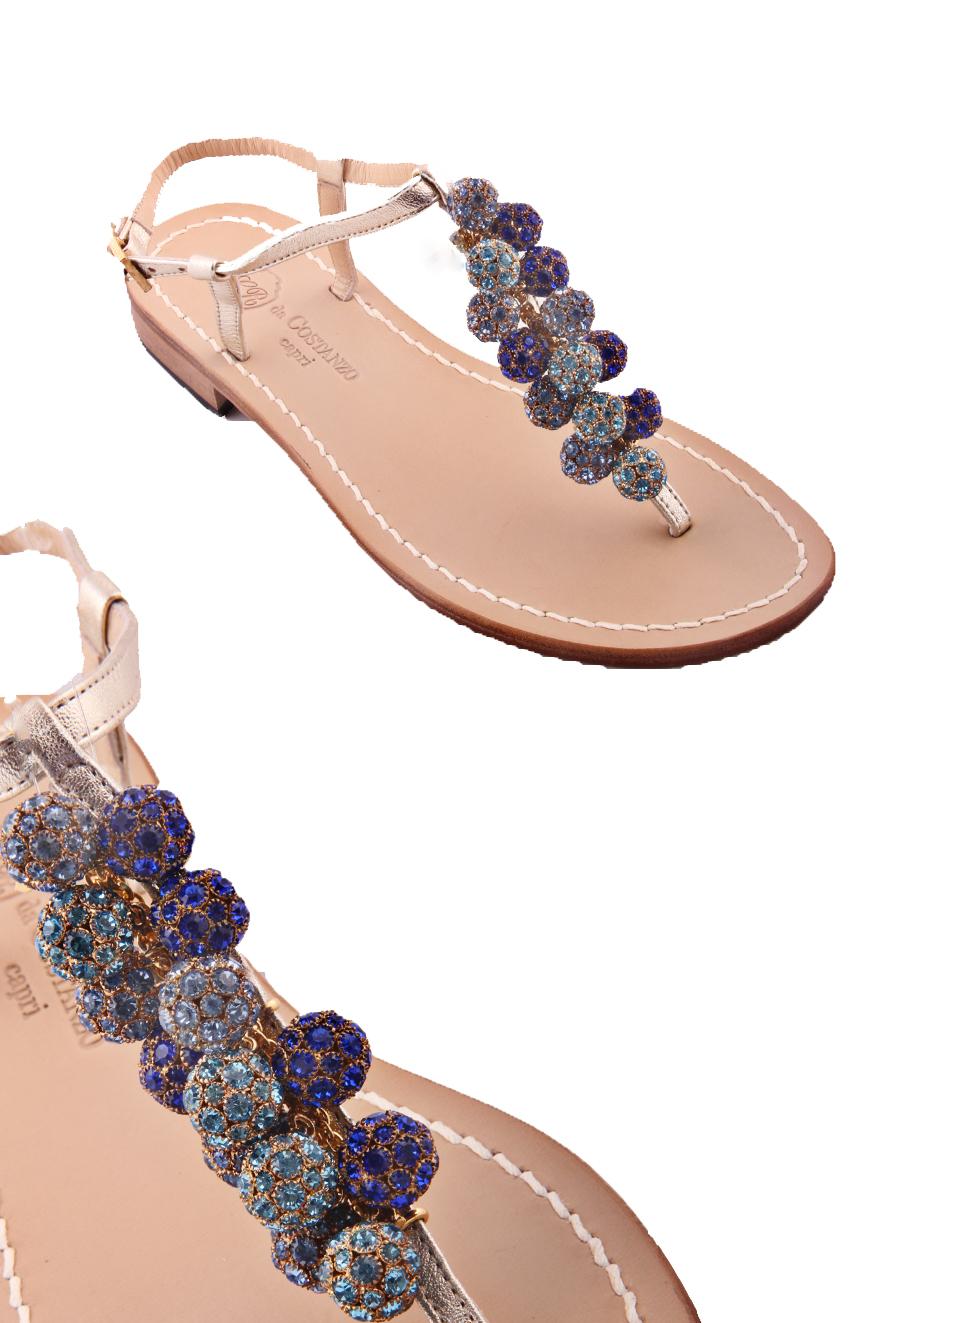 4da44efb54eb Capri sandals with blue jewels - Da Costanzo - Manecapri